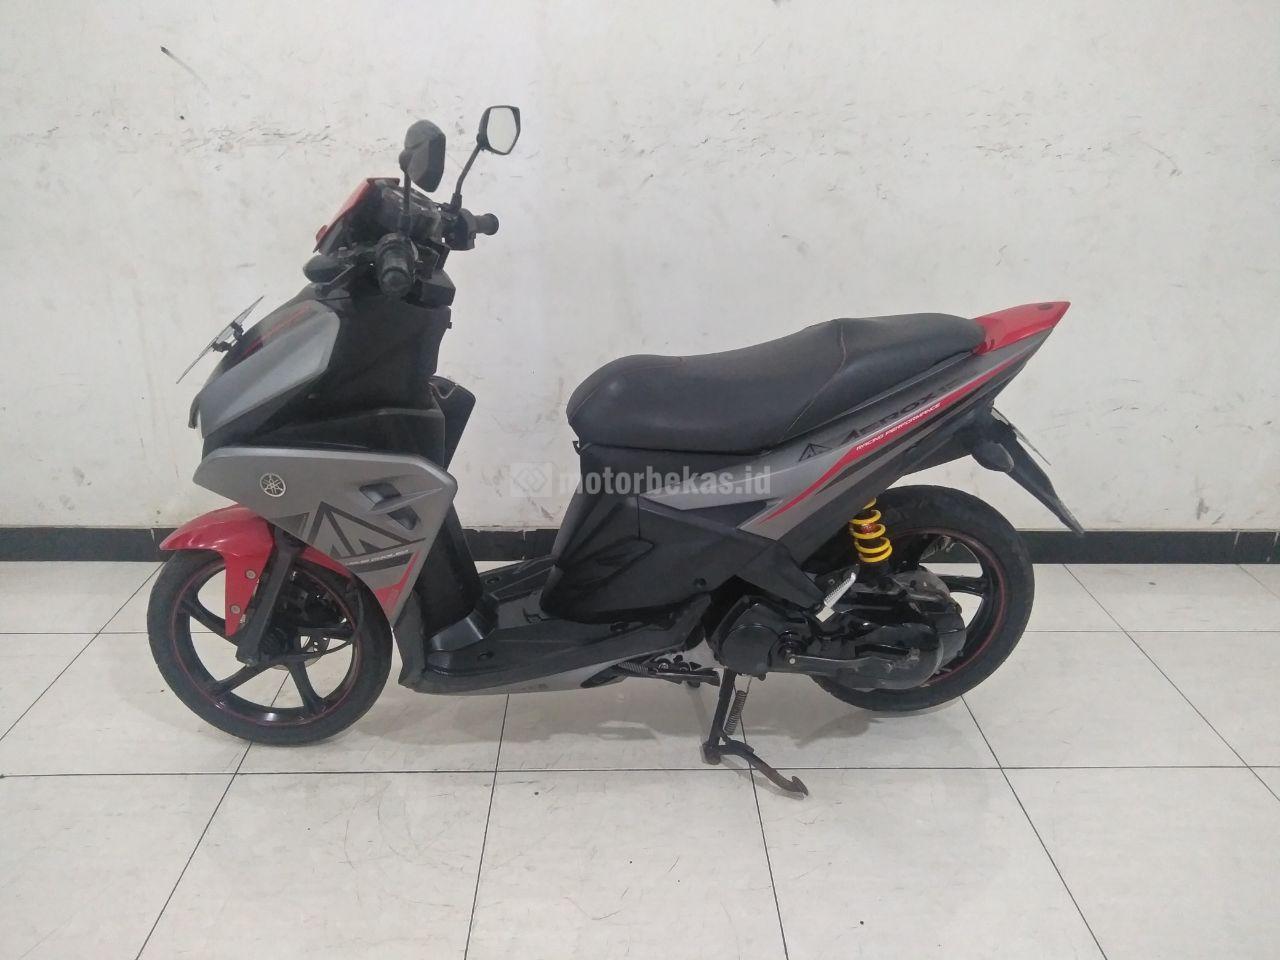 YAMAHA AEROX 125  3116 motorbekas.id